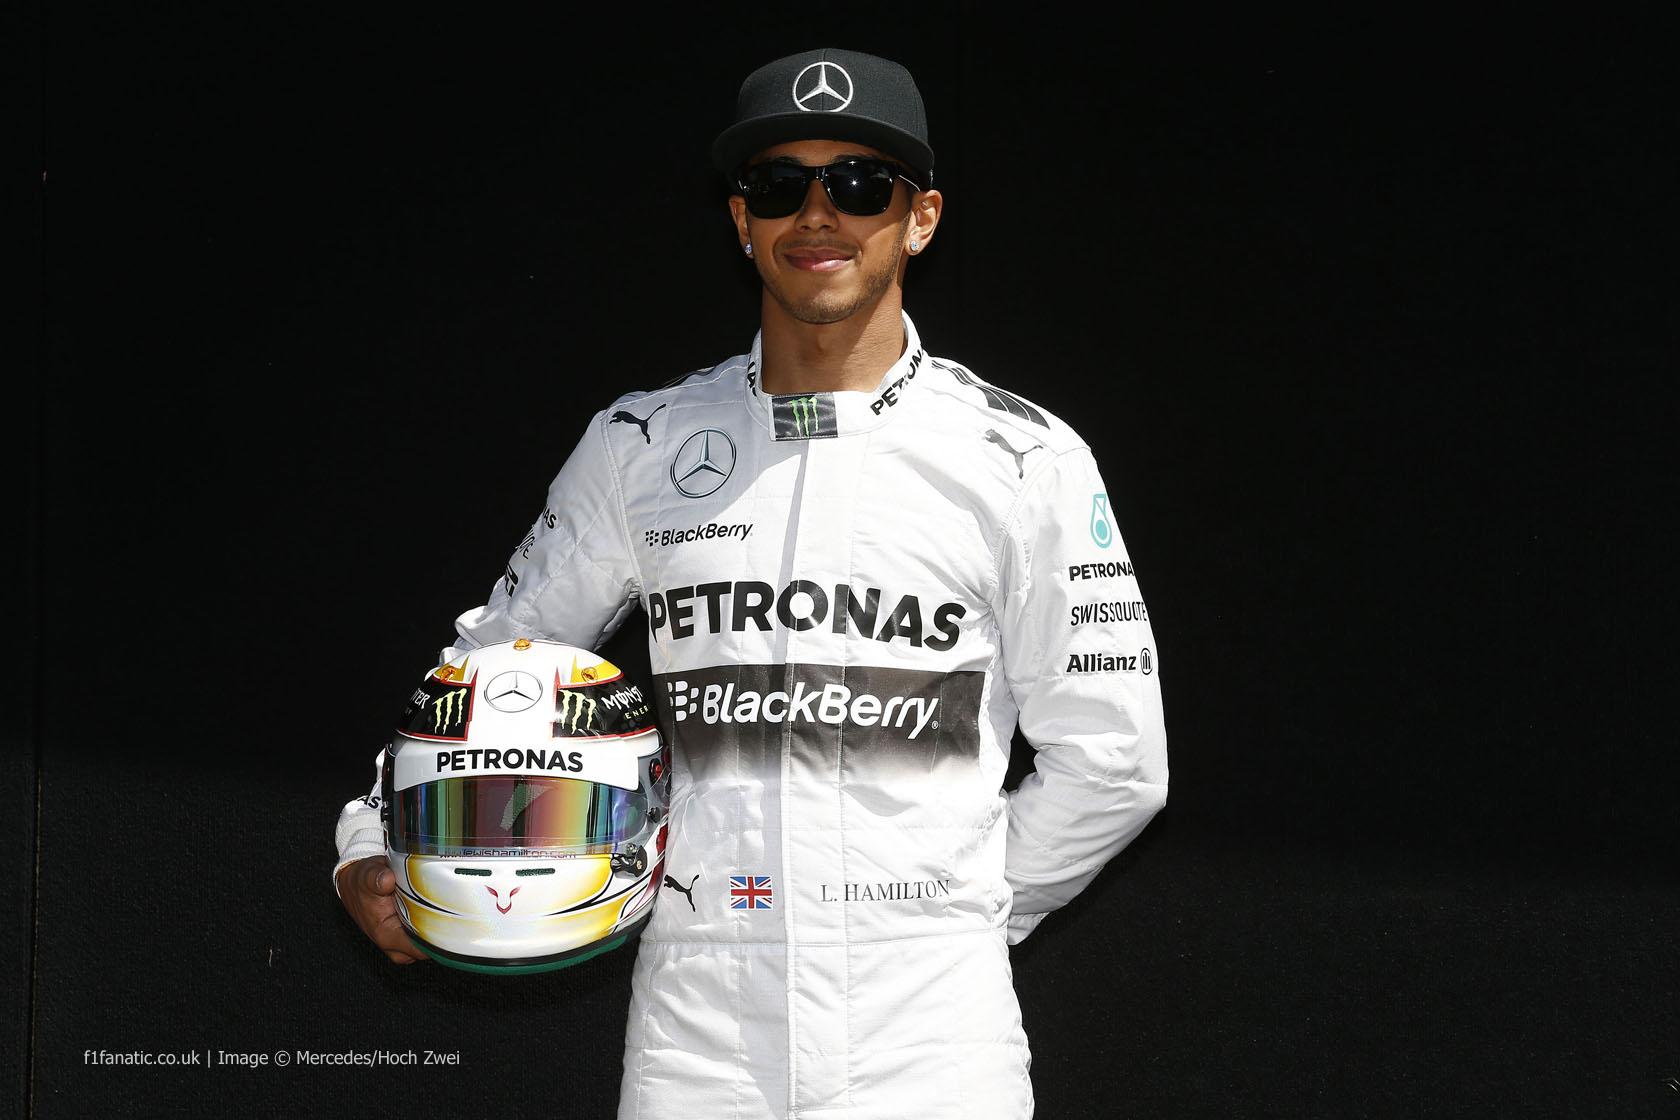 Foto Wallpaper Lewis Hamilton Mercedes F1 Seputar Semarang